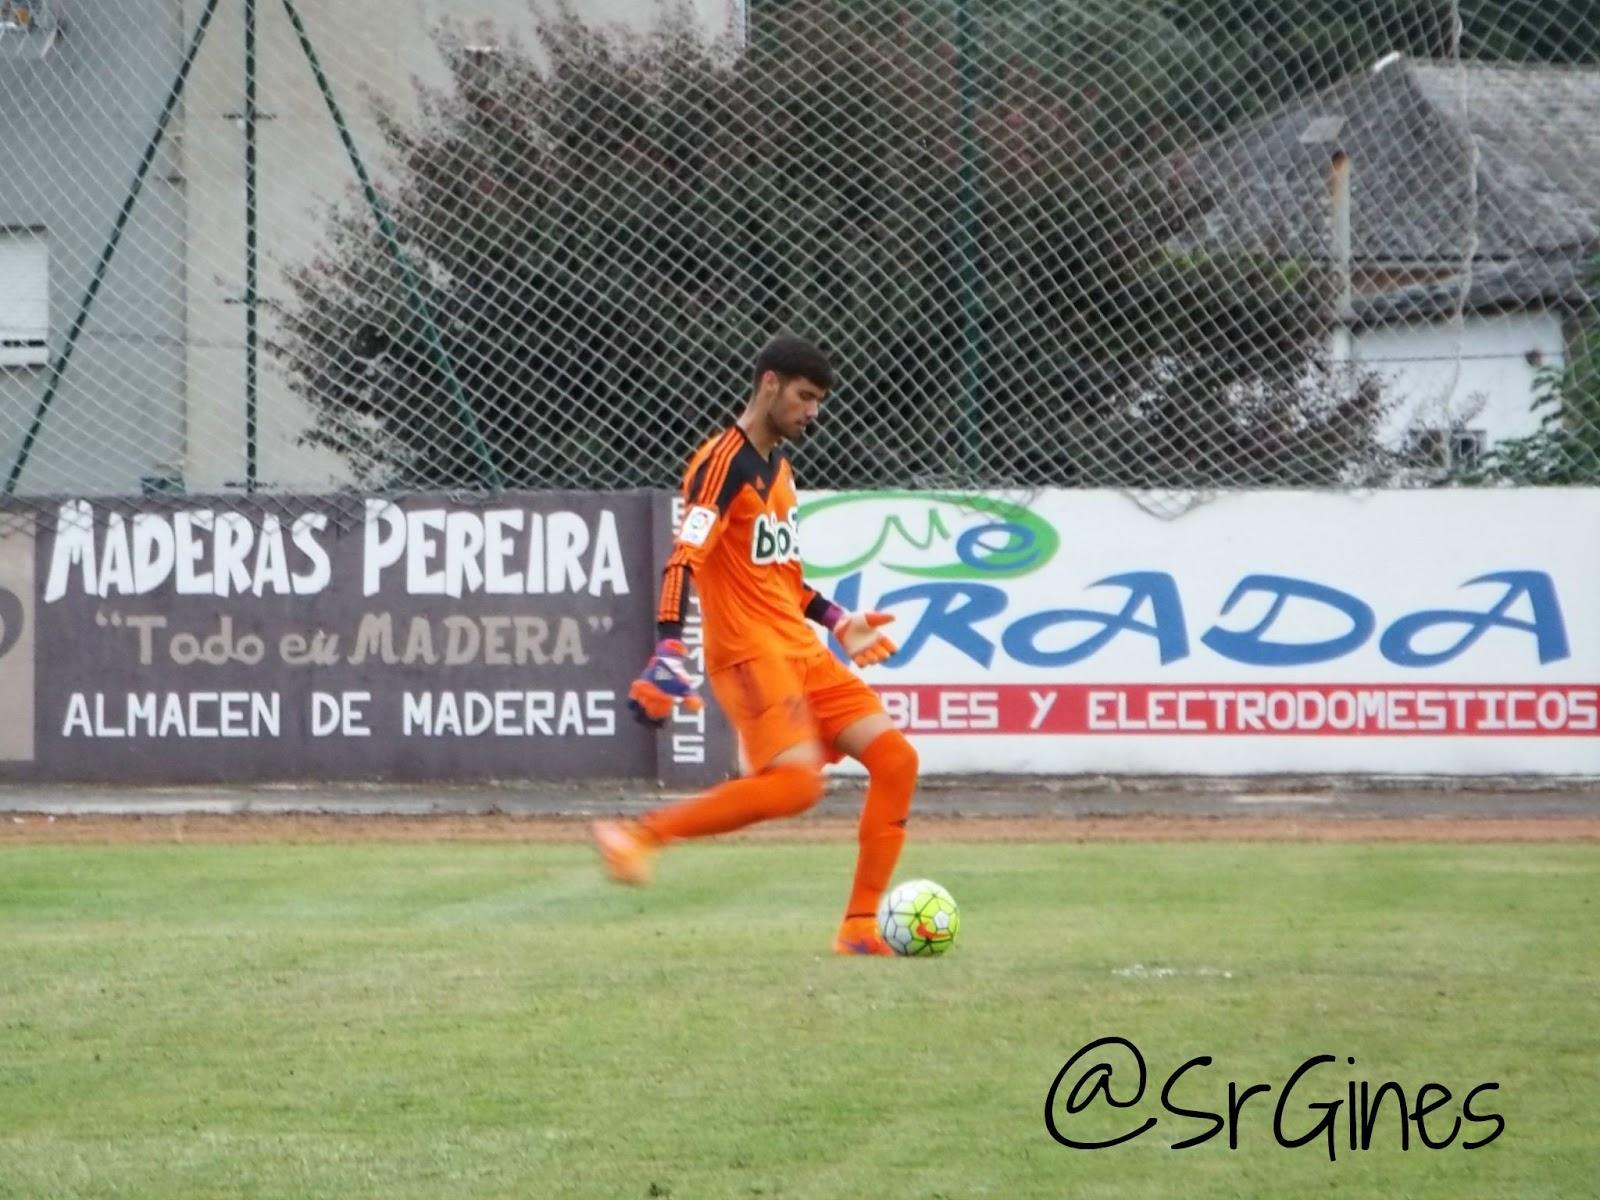 porterías de fútbol Descargar Fotos gratis Freepik - Imagenes De Porterias De Futbol